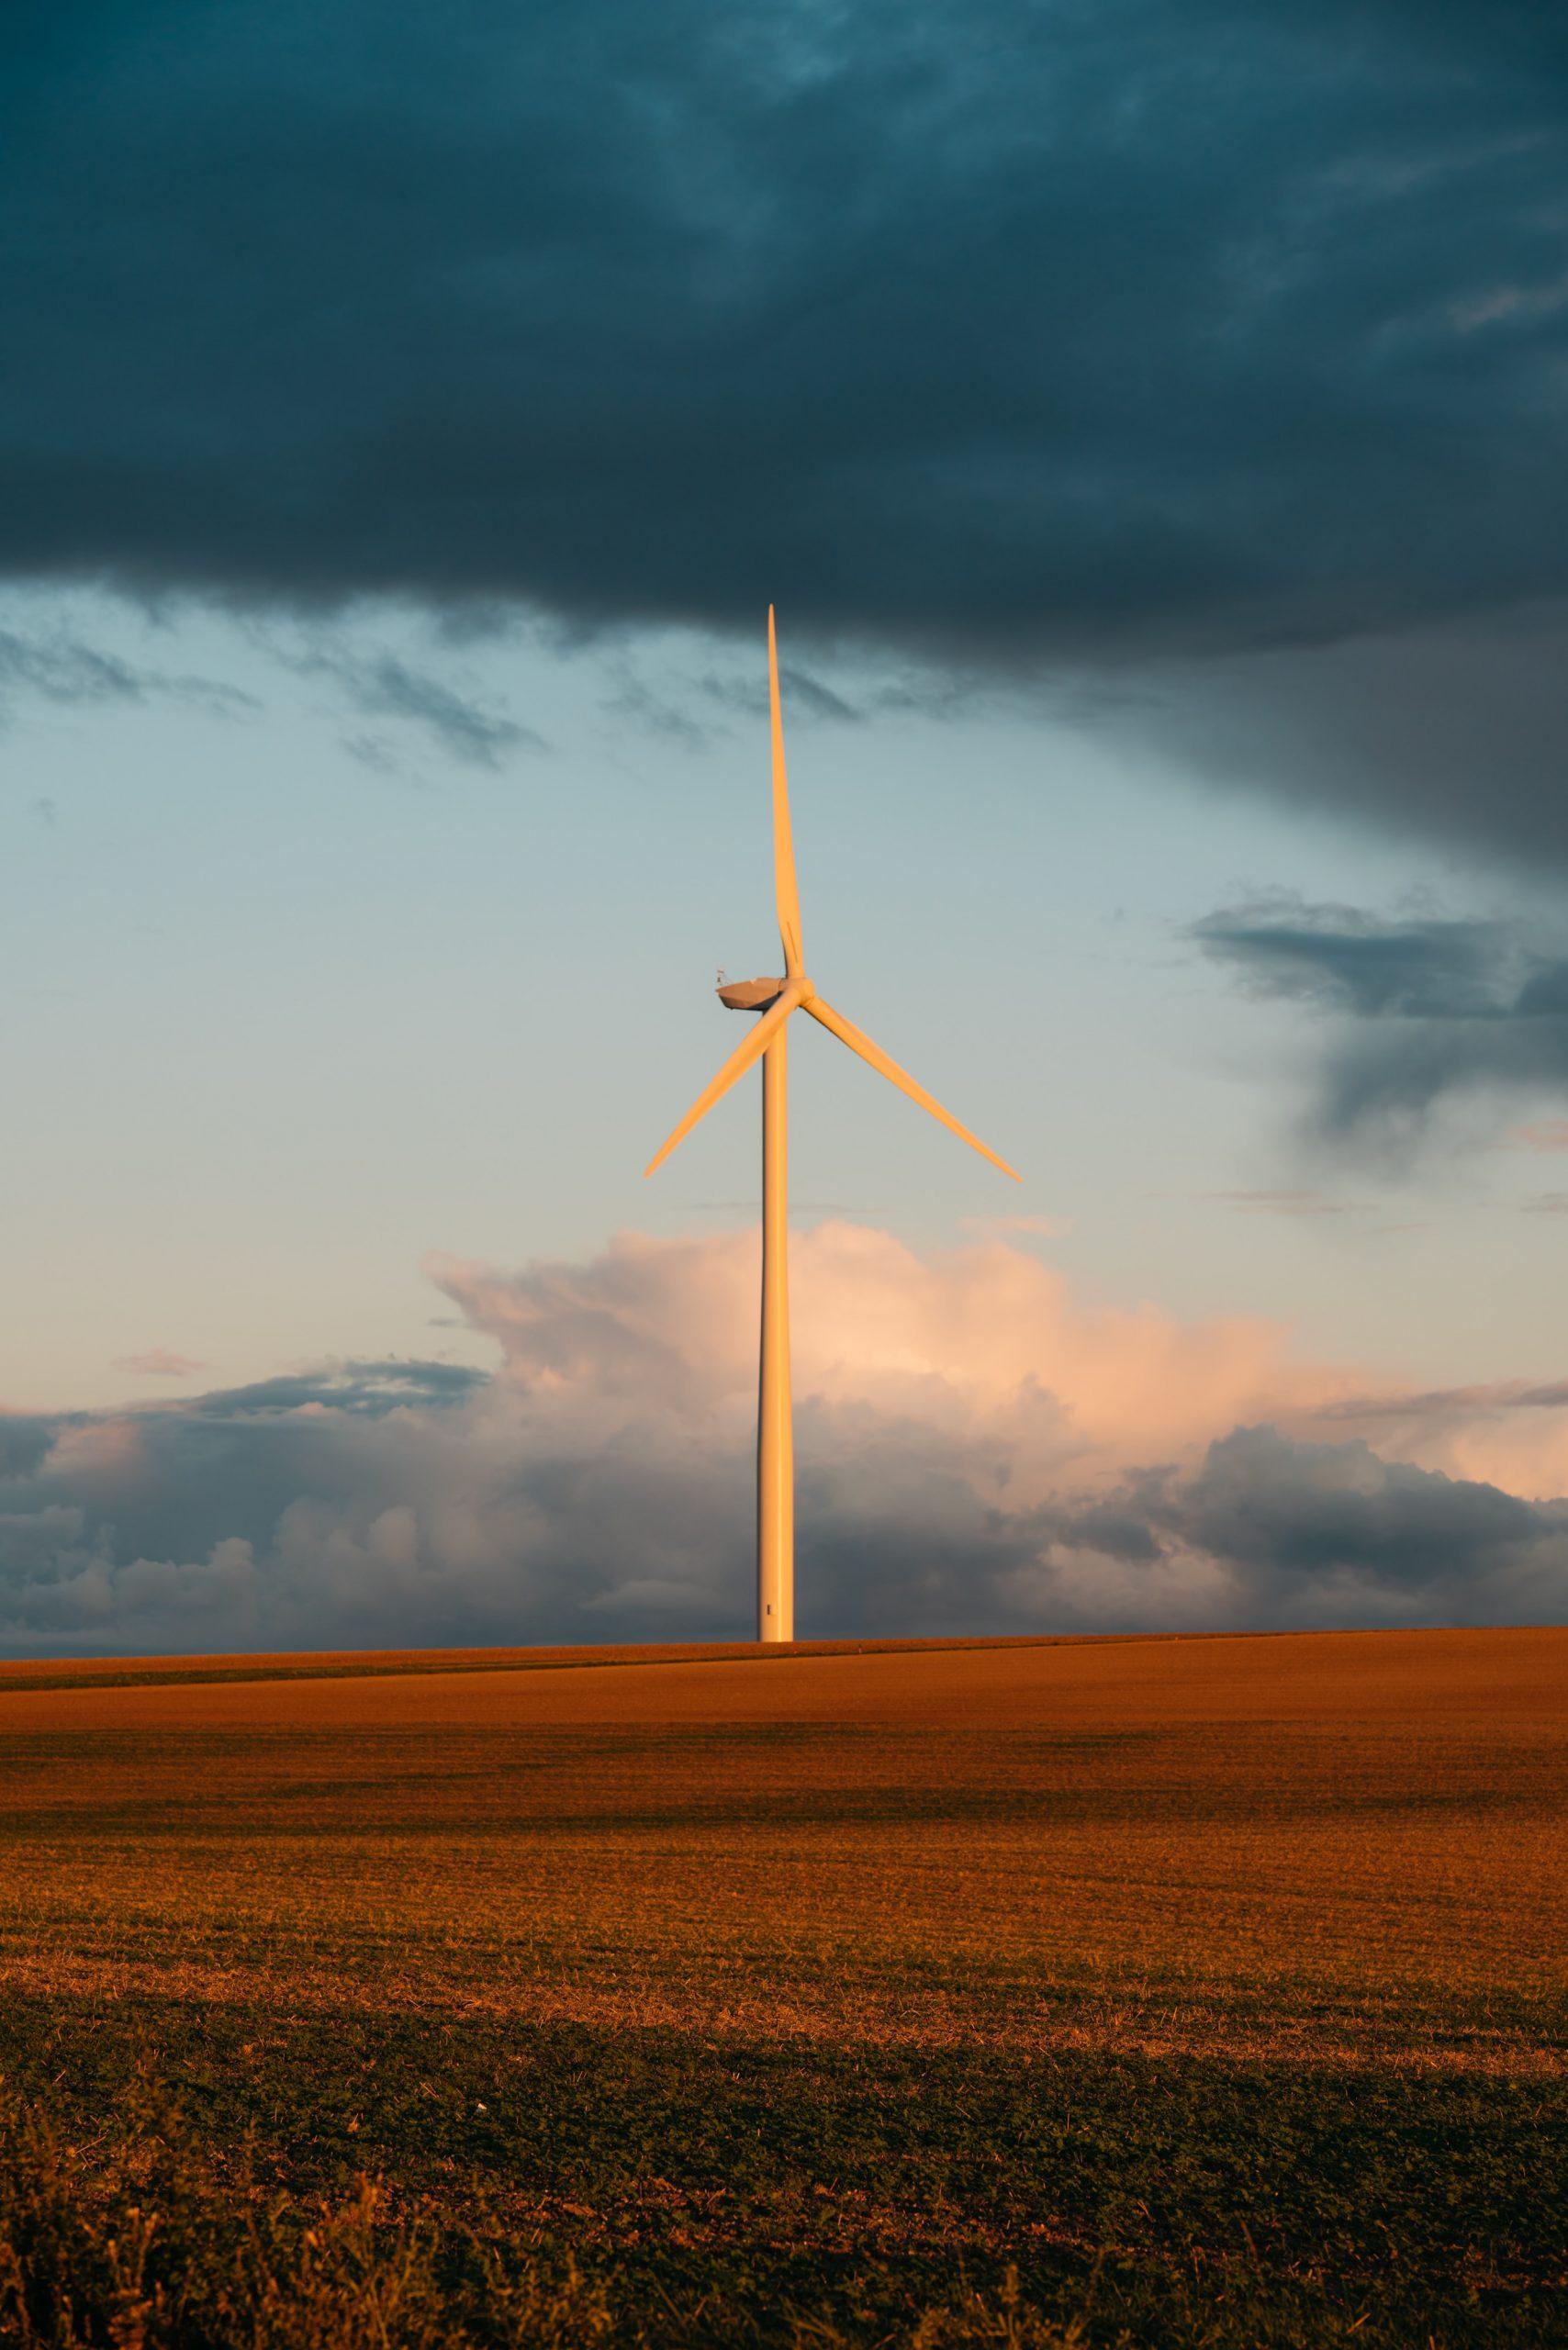 Maak Nederland koploper in de Europese energiehandel